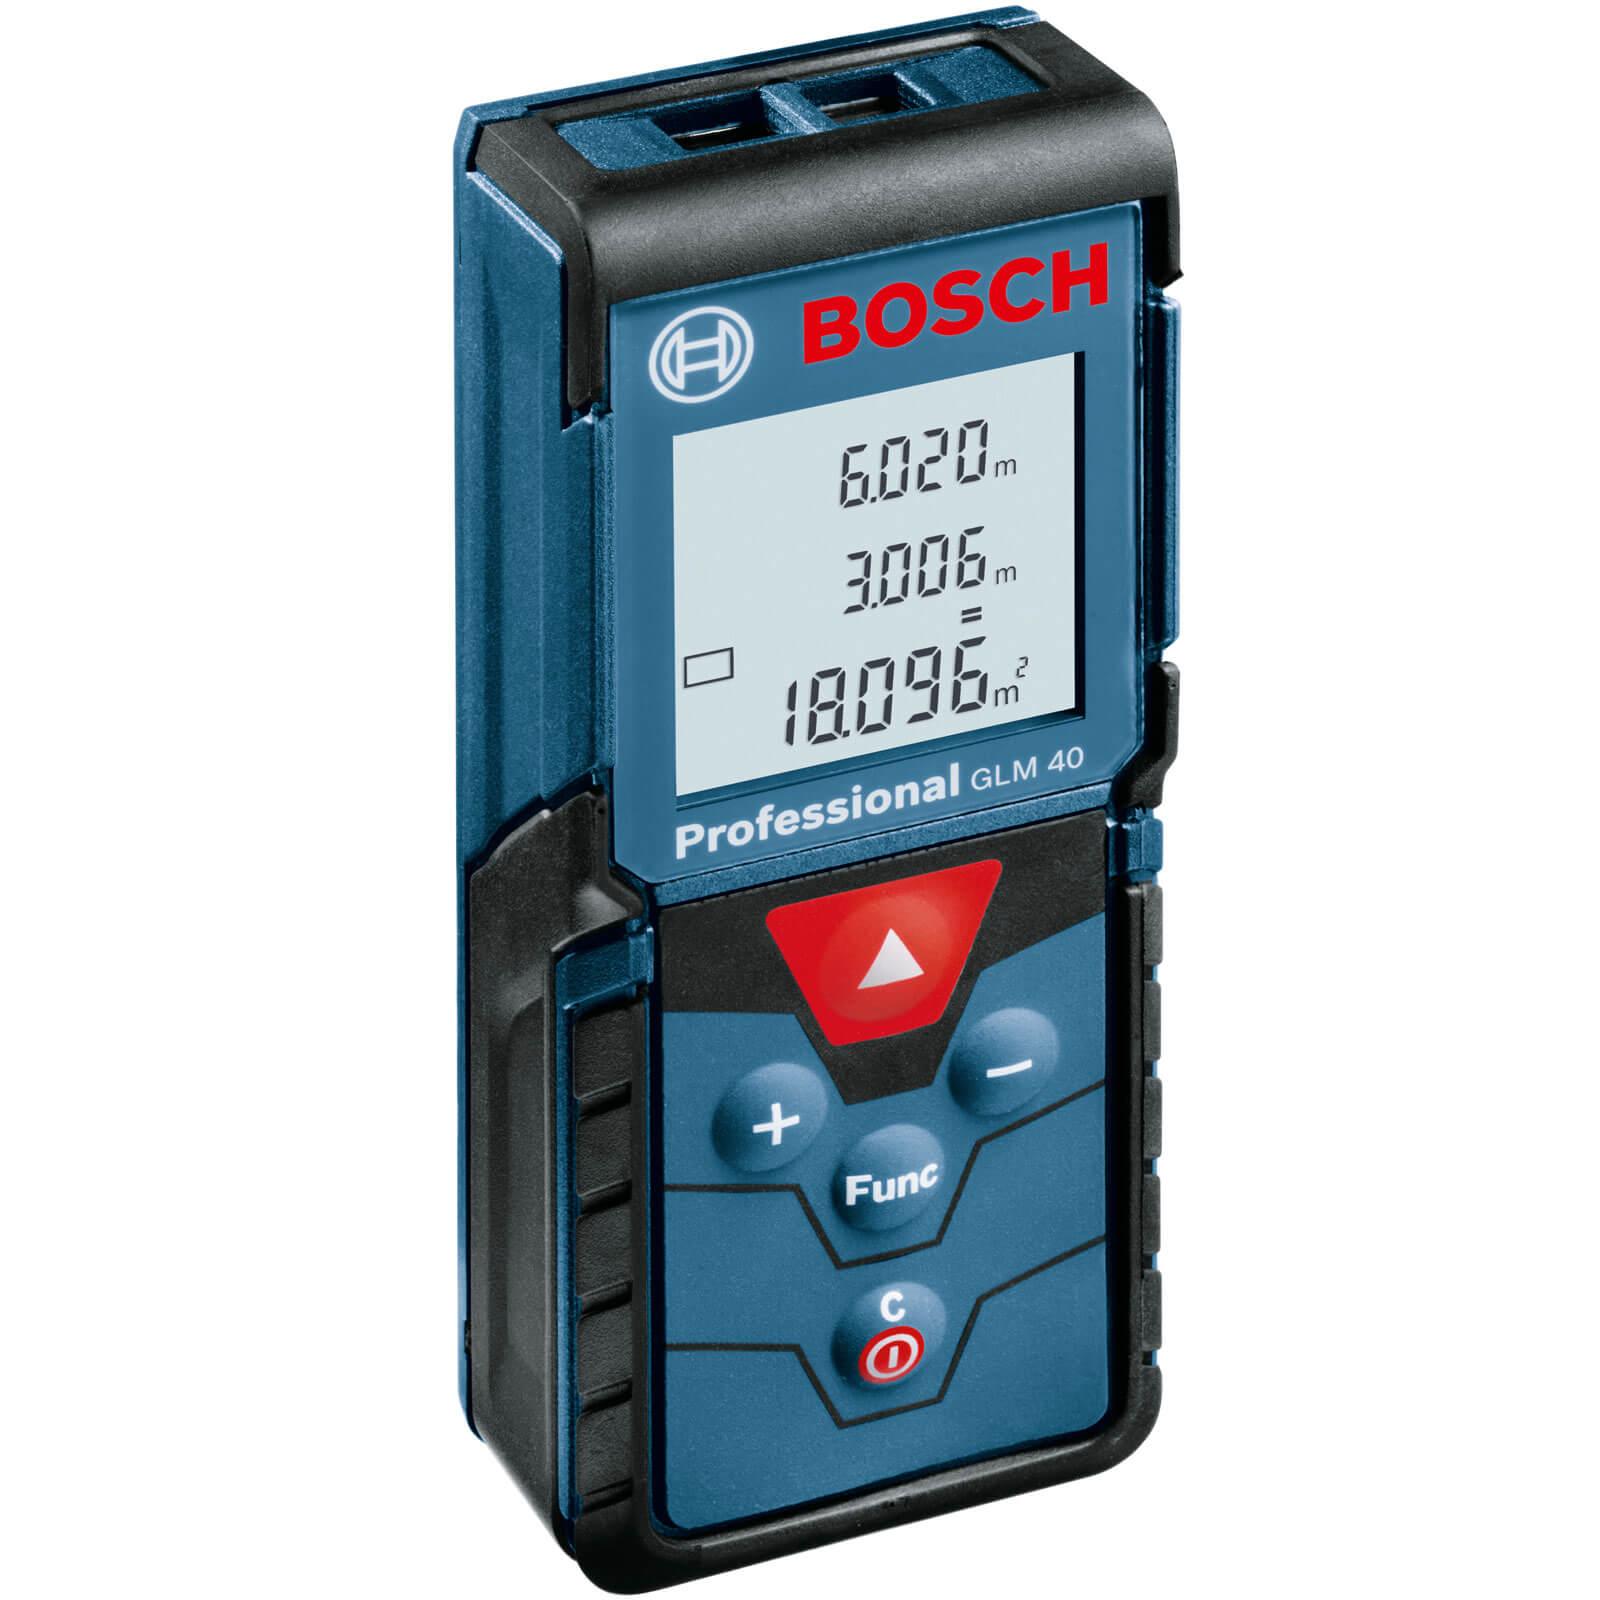 Image of Bosch GLM 40 Distance Laser Measure 40m